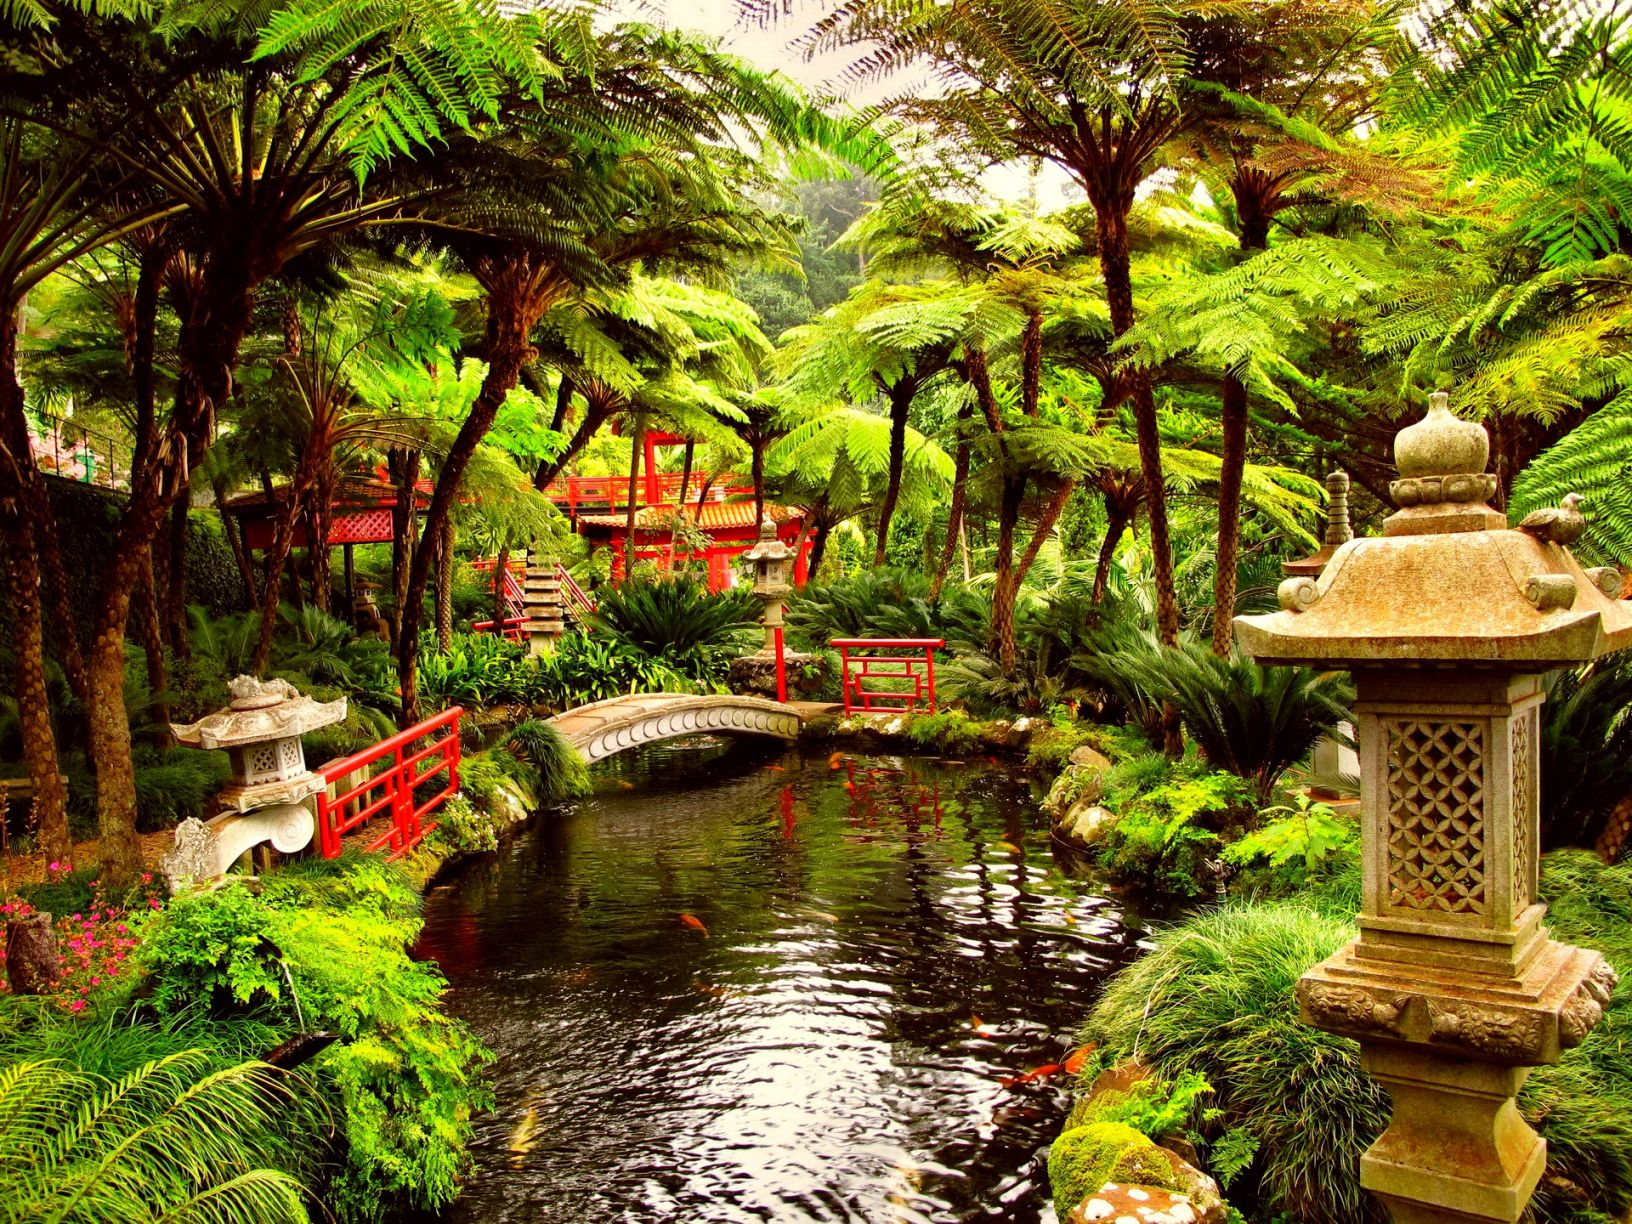 Japanese Tea Garden Wallpapers Top Free Japanese Tea Garden Backgrounds Wallpaperaccess